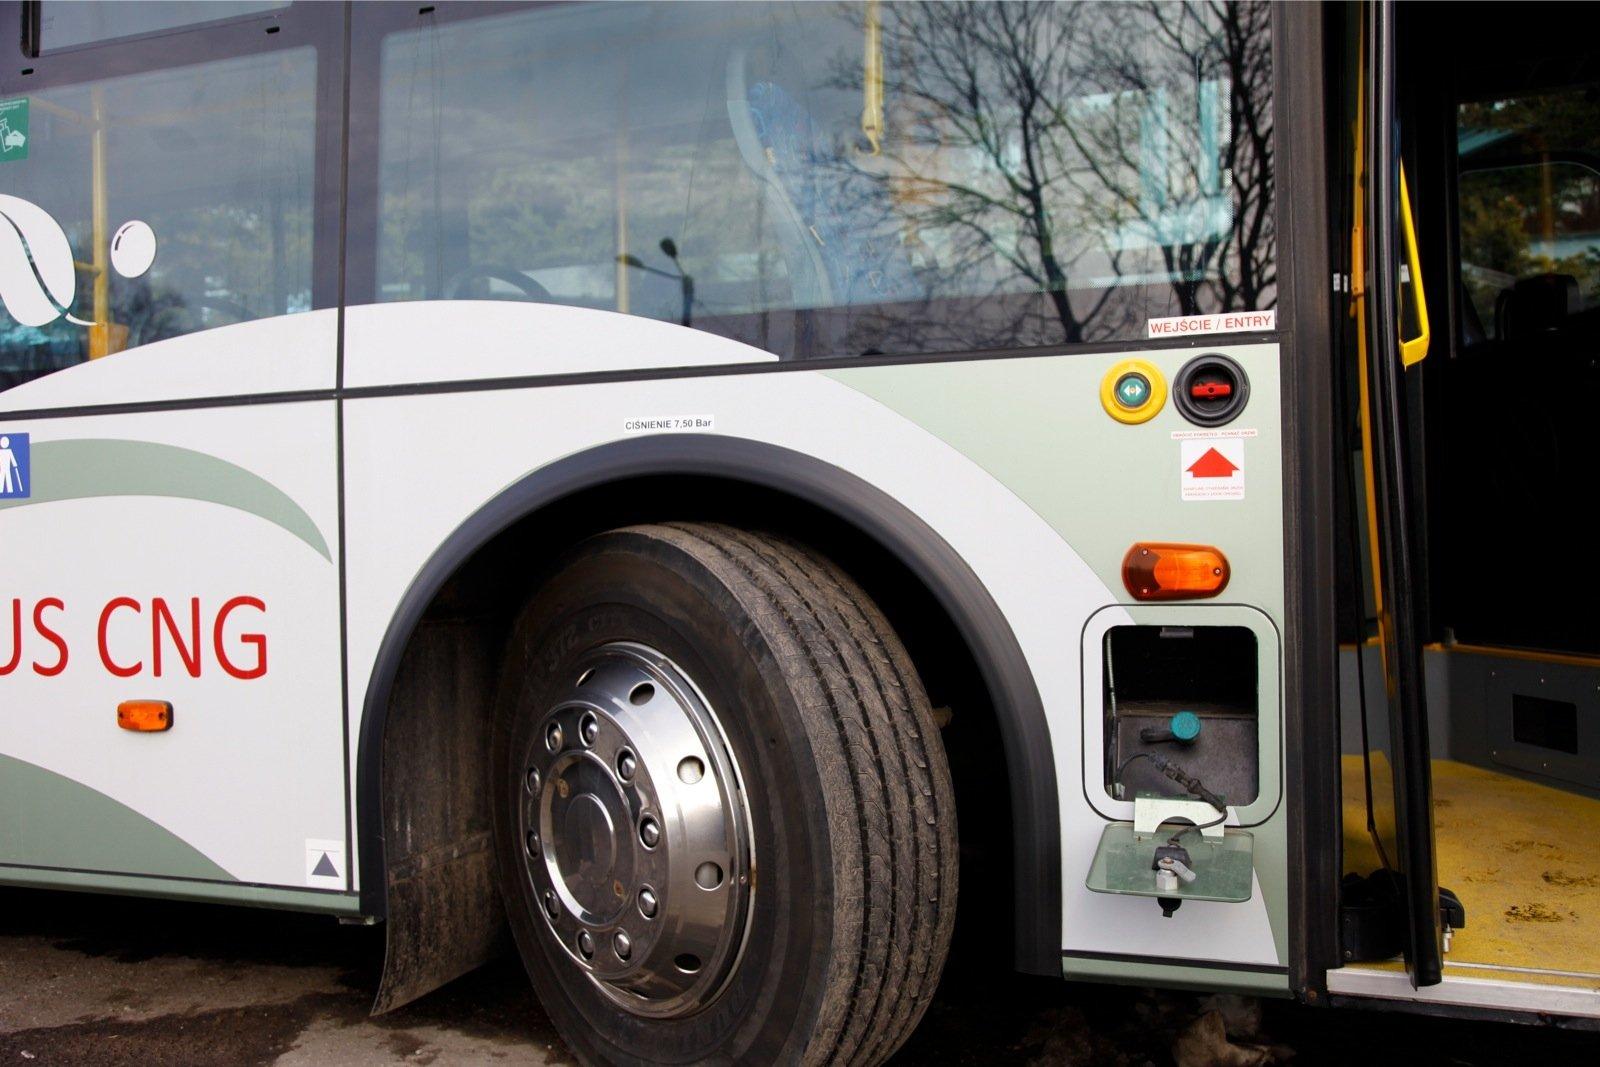 Eesti Gaas läheb gaasibusside hankega kohtusse, mäng käib kümnete miljonite peale: